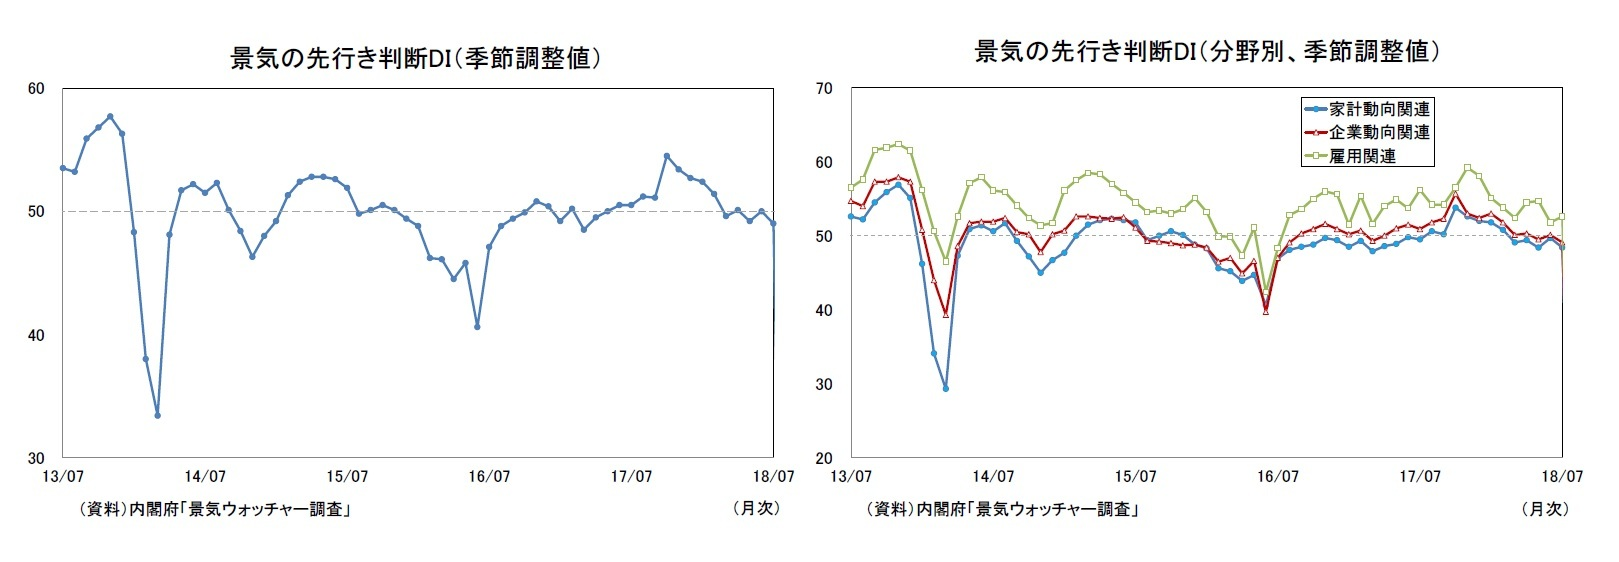 景気の先行き判断DI(季節調整値)/景気の先行き判断DI(分野別、季節調整値)